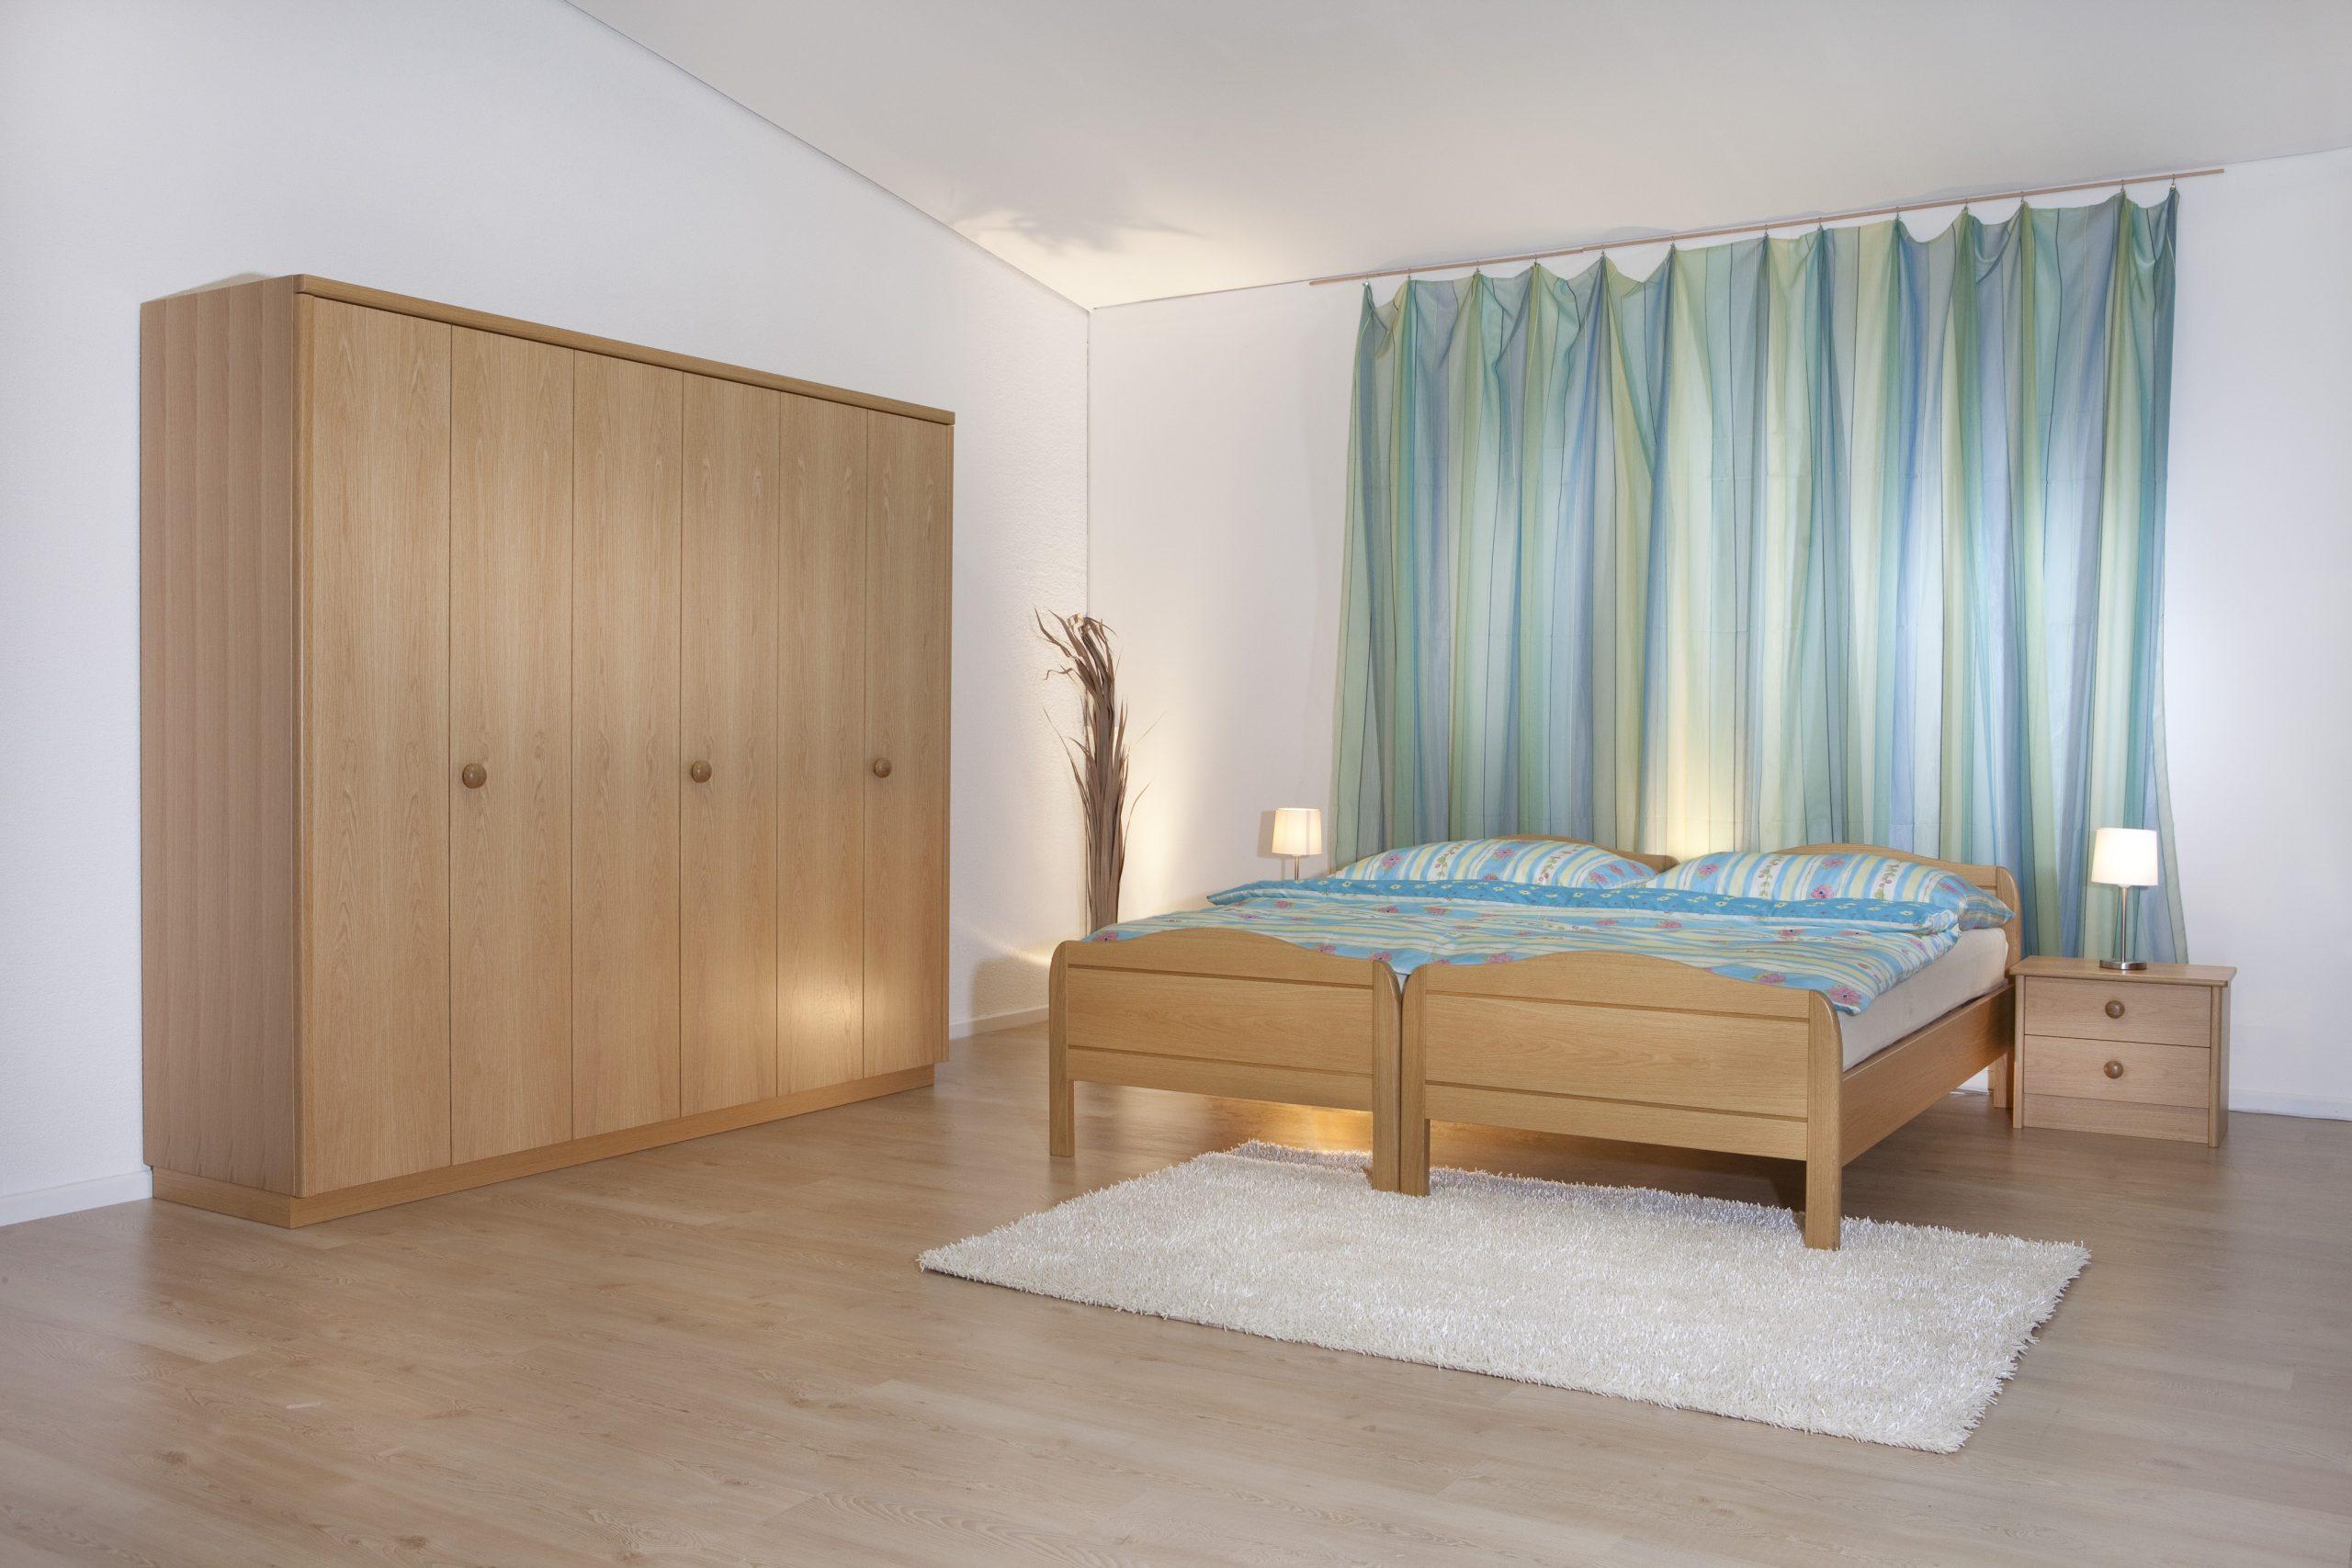 Full Size of Schlafzimmer 940 In Eiche Von Mbel Ryter Teppich Betten Holz Set Günstig Landhausstil Schöne München Ausgefallene Komplett Amerikanische Sitzbank Rauch Schlafzimmer Schlafzimmer Betten